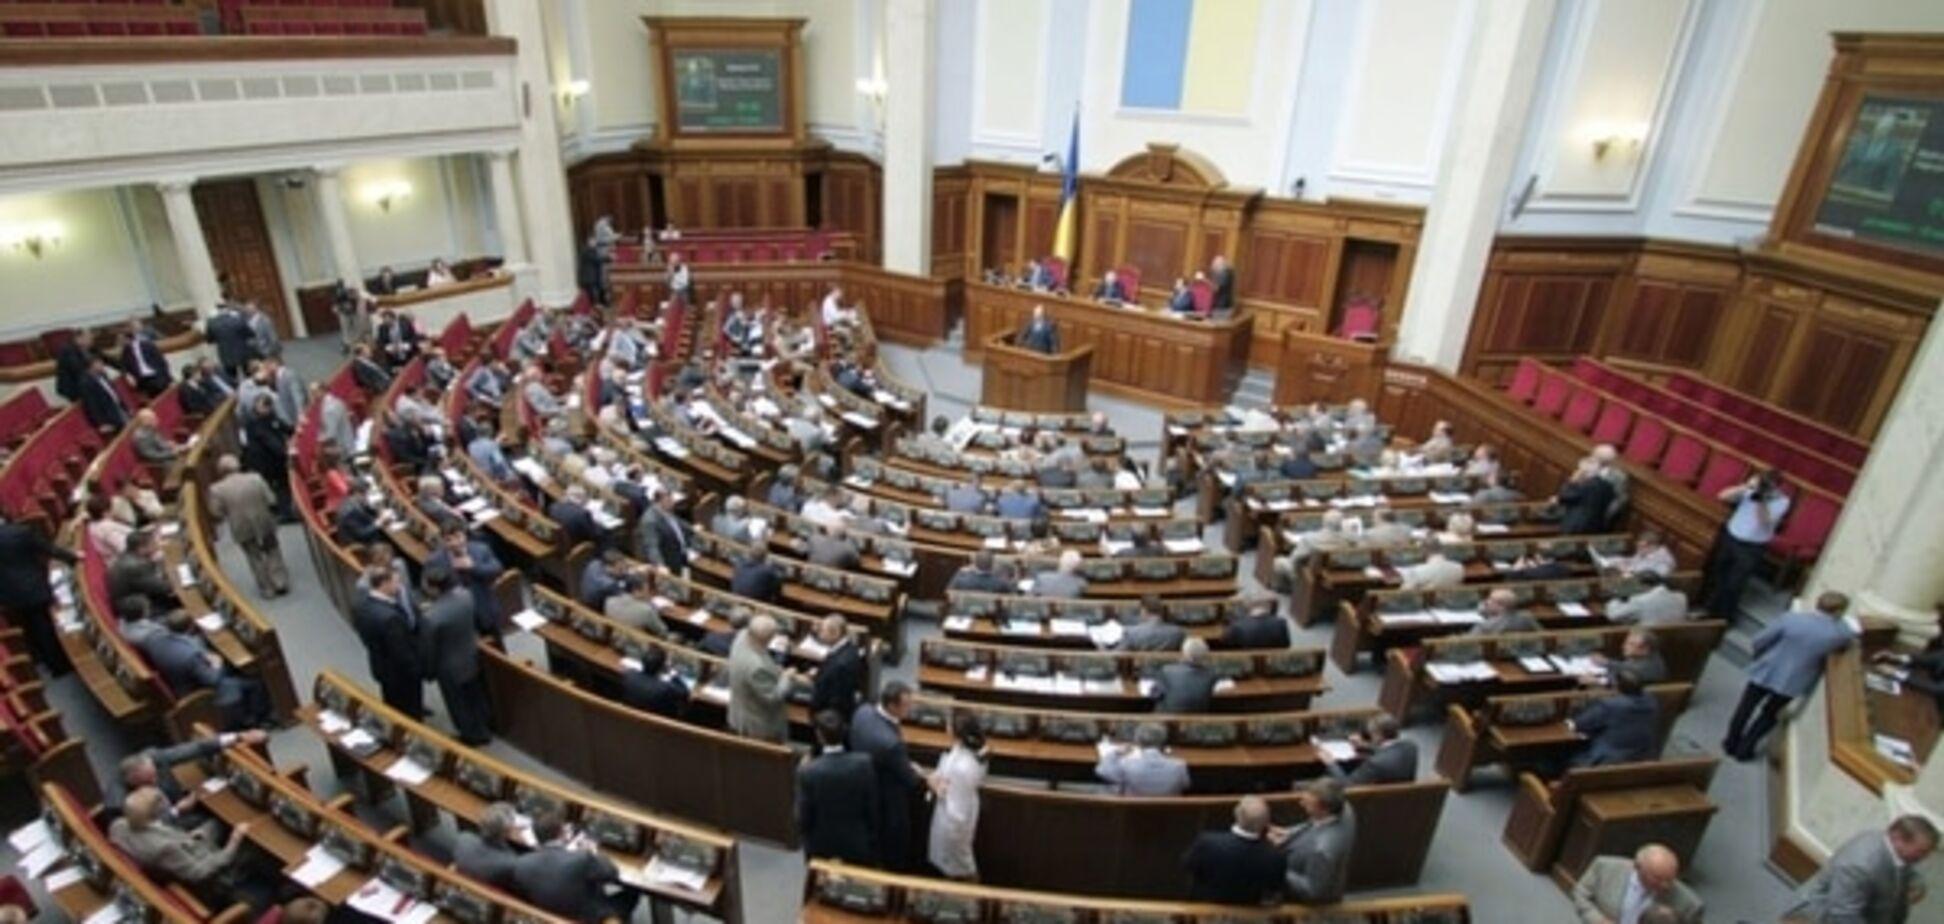 Народные депутаты приняли пять 'безвизовых законов' из шести